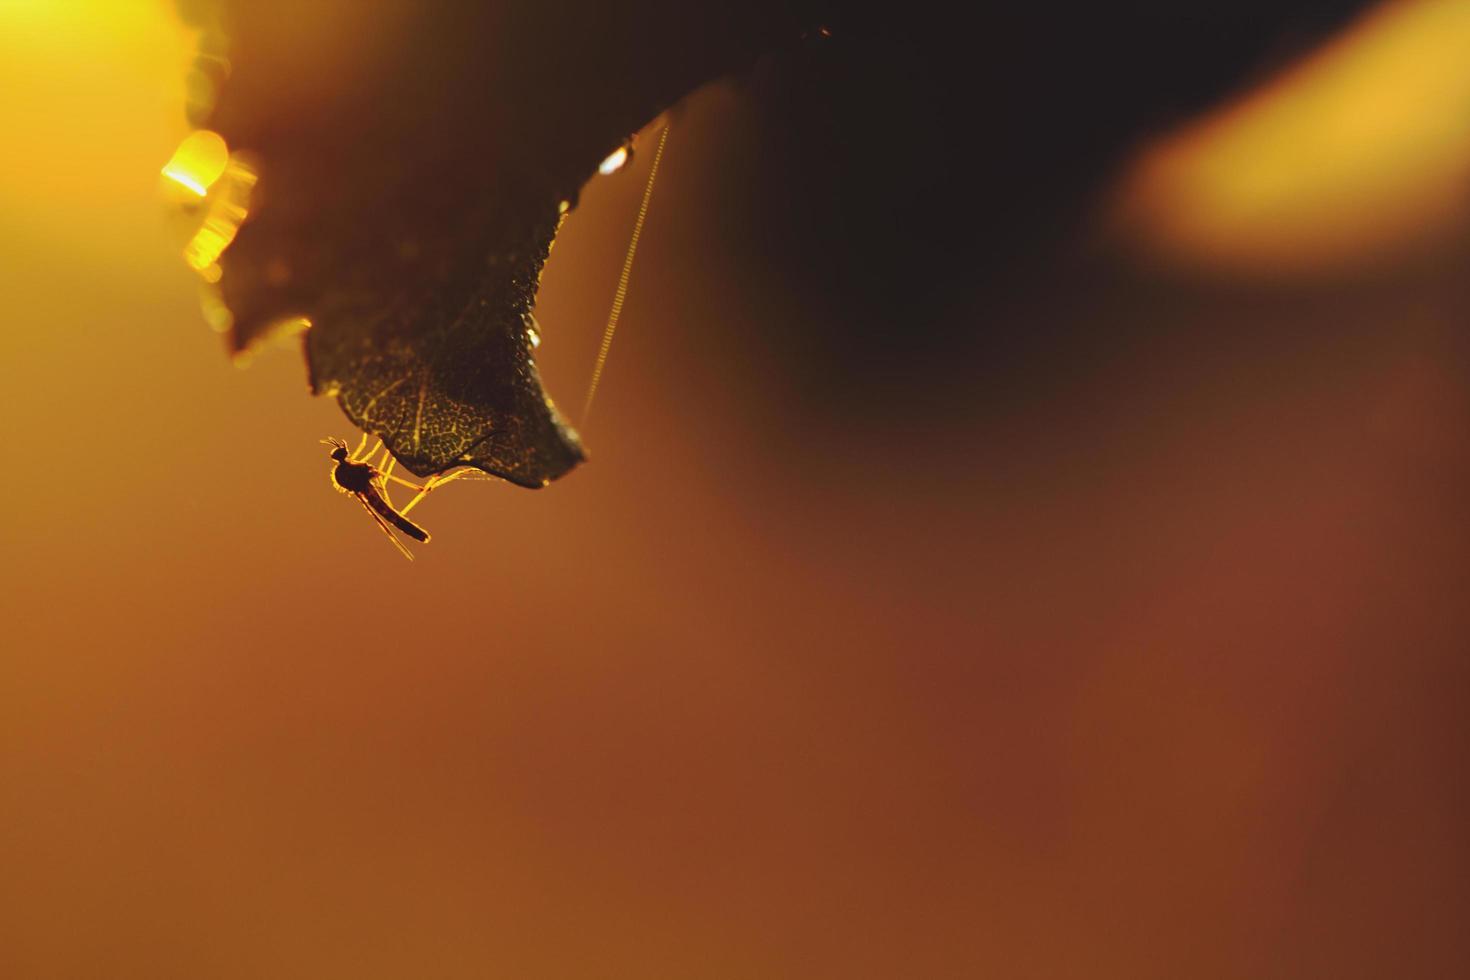 mosquito en una hoja durante el amanecer foto